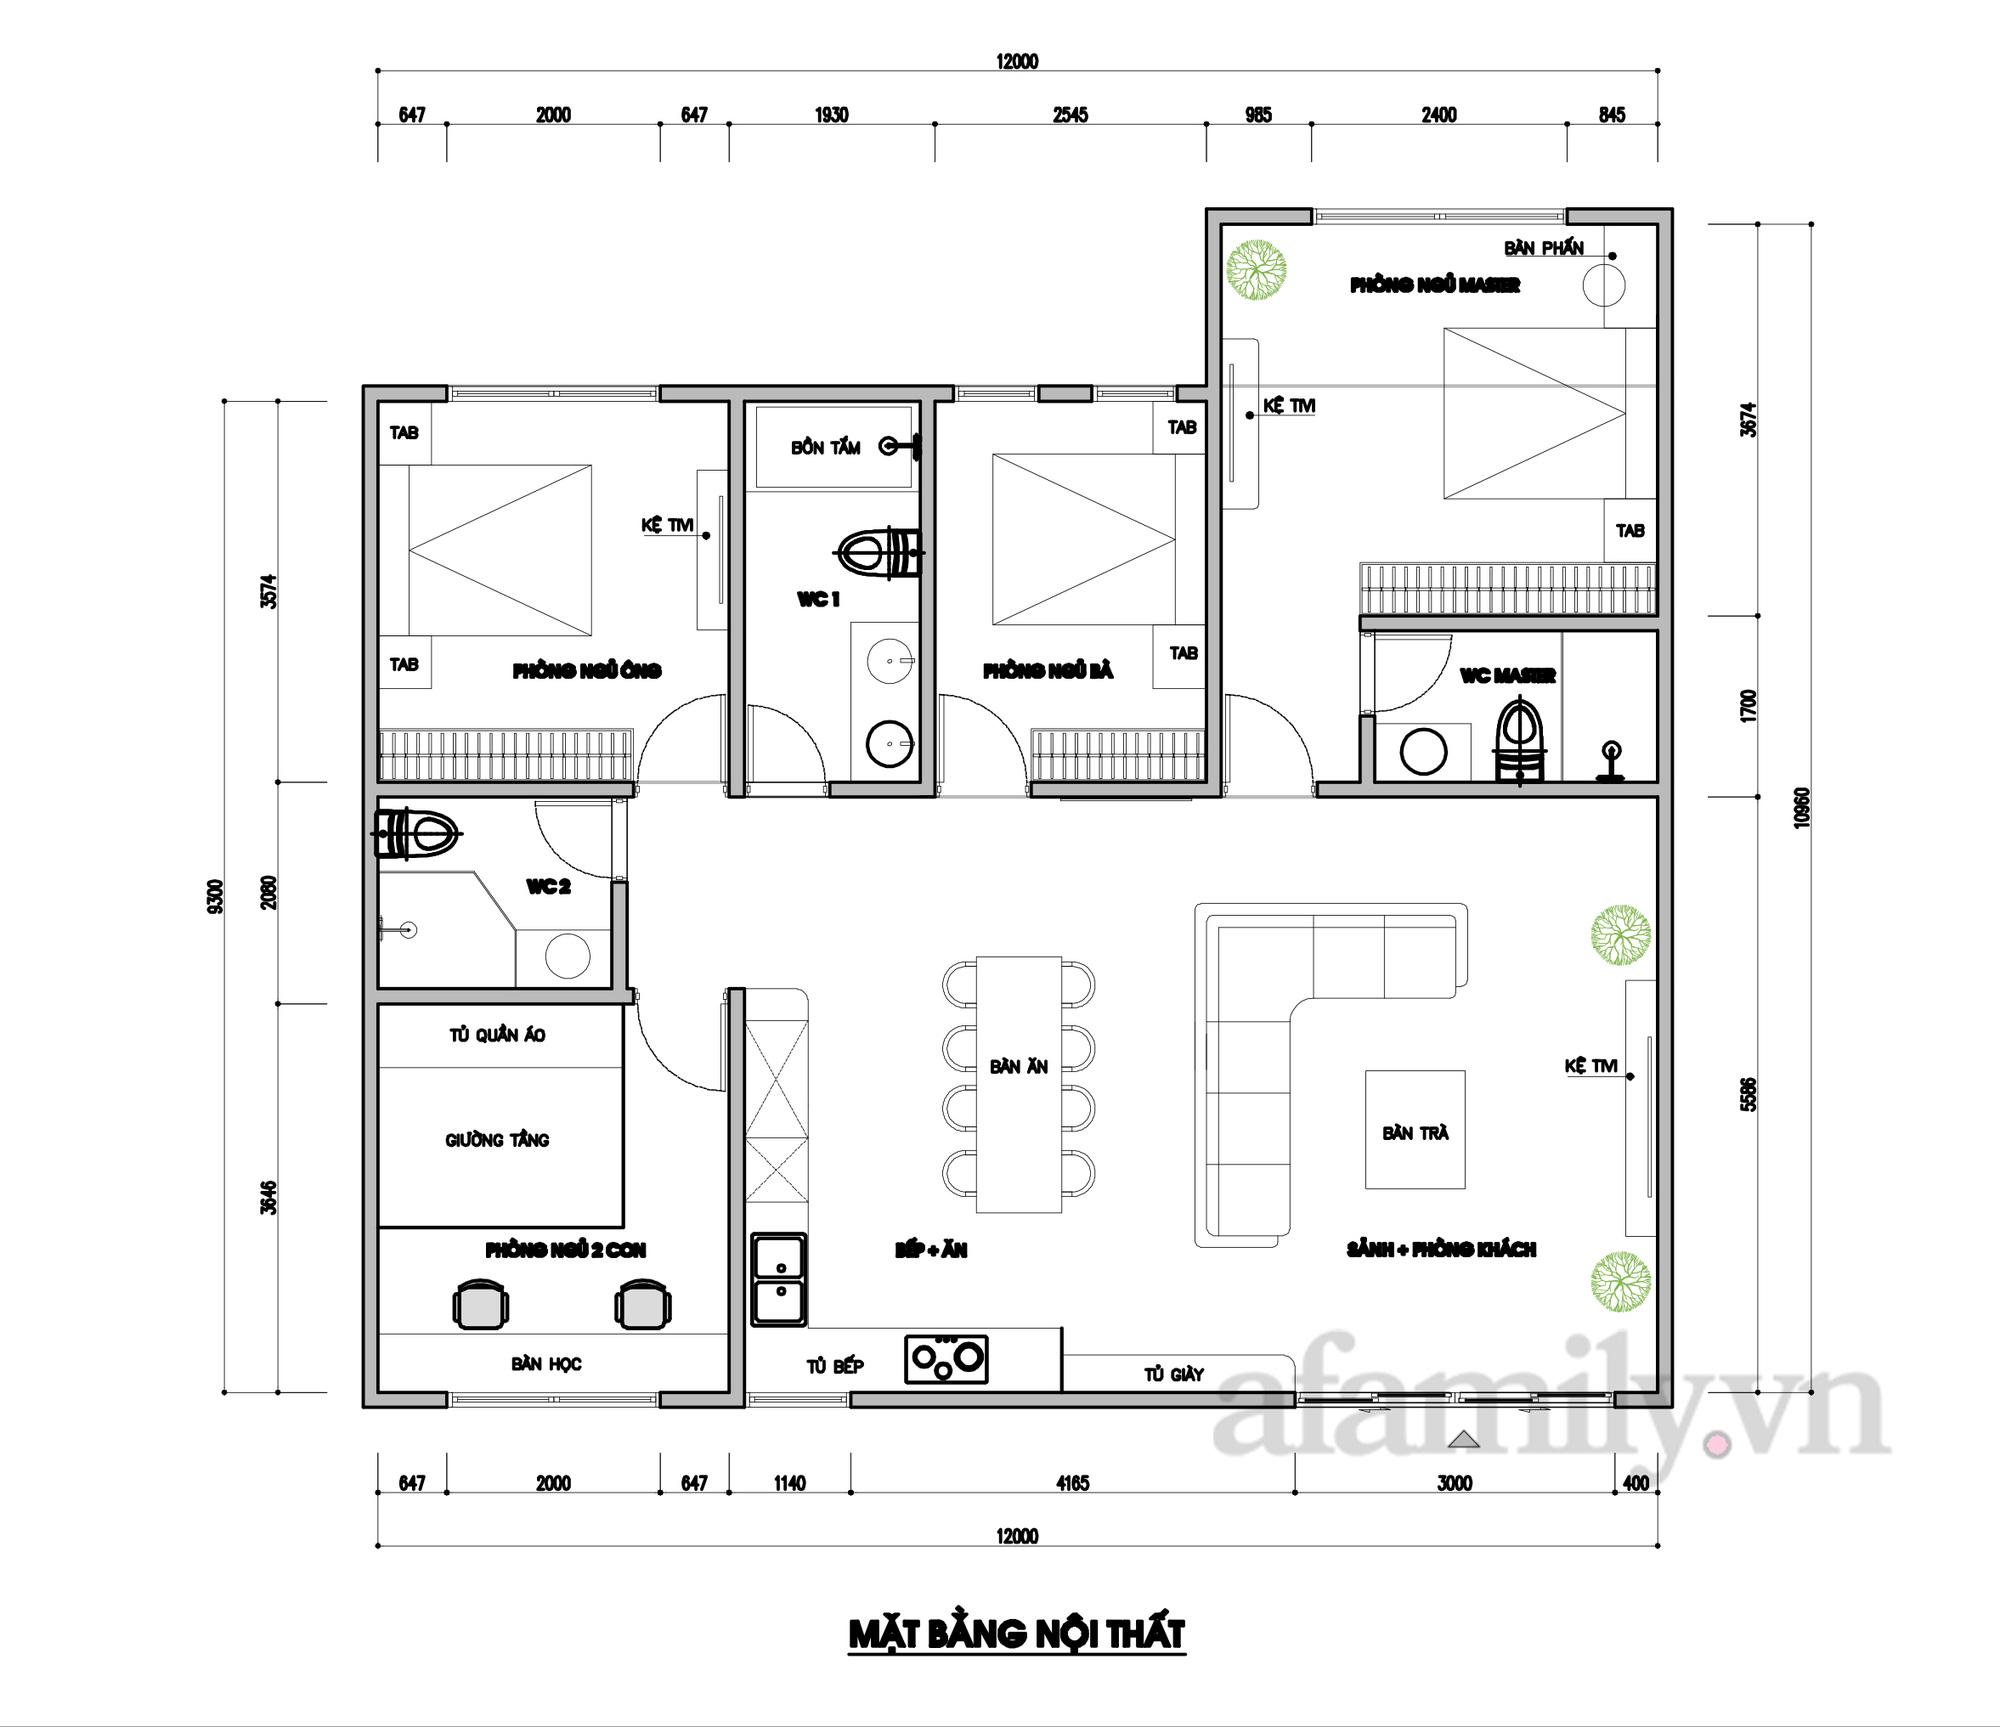 Tư vấn thiết kế nhà cấp 4 diện tích 120m² cho gia đình 6 thành viên chi phí 200 triệu - Ảnh 2.